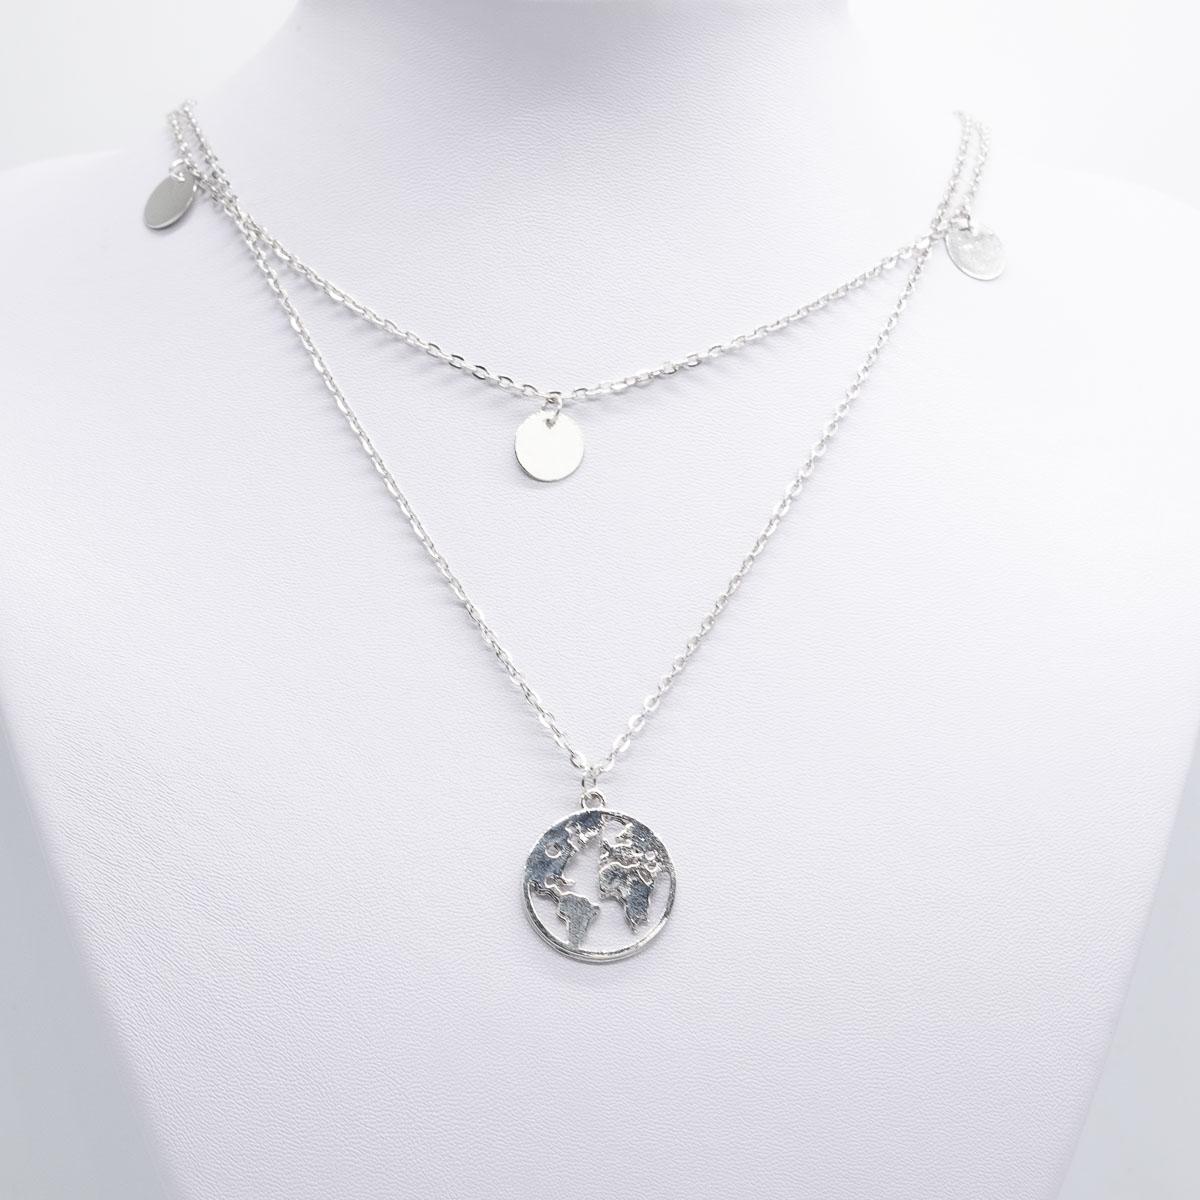 KET-017 zilver wereldkaart ketting boho